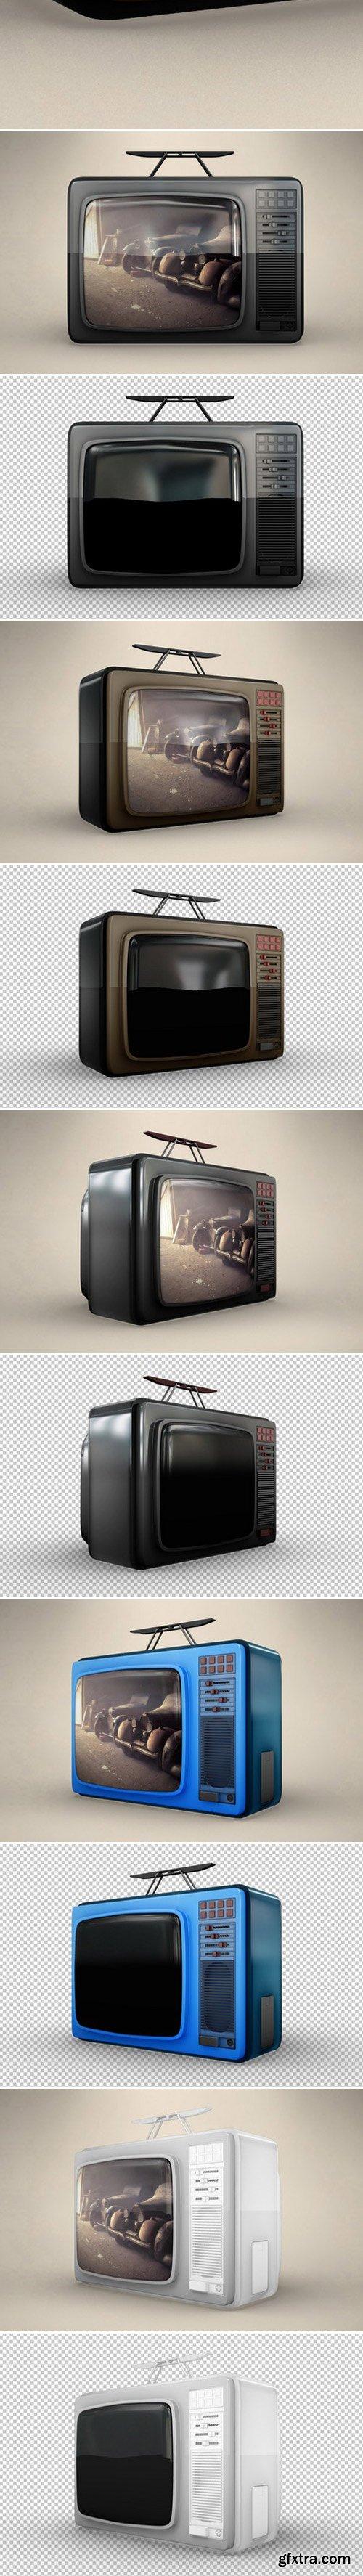 CM - BUNDLE Vintage Philips Tv 1974MockUp 434739